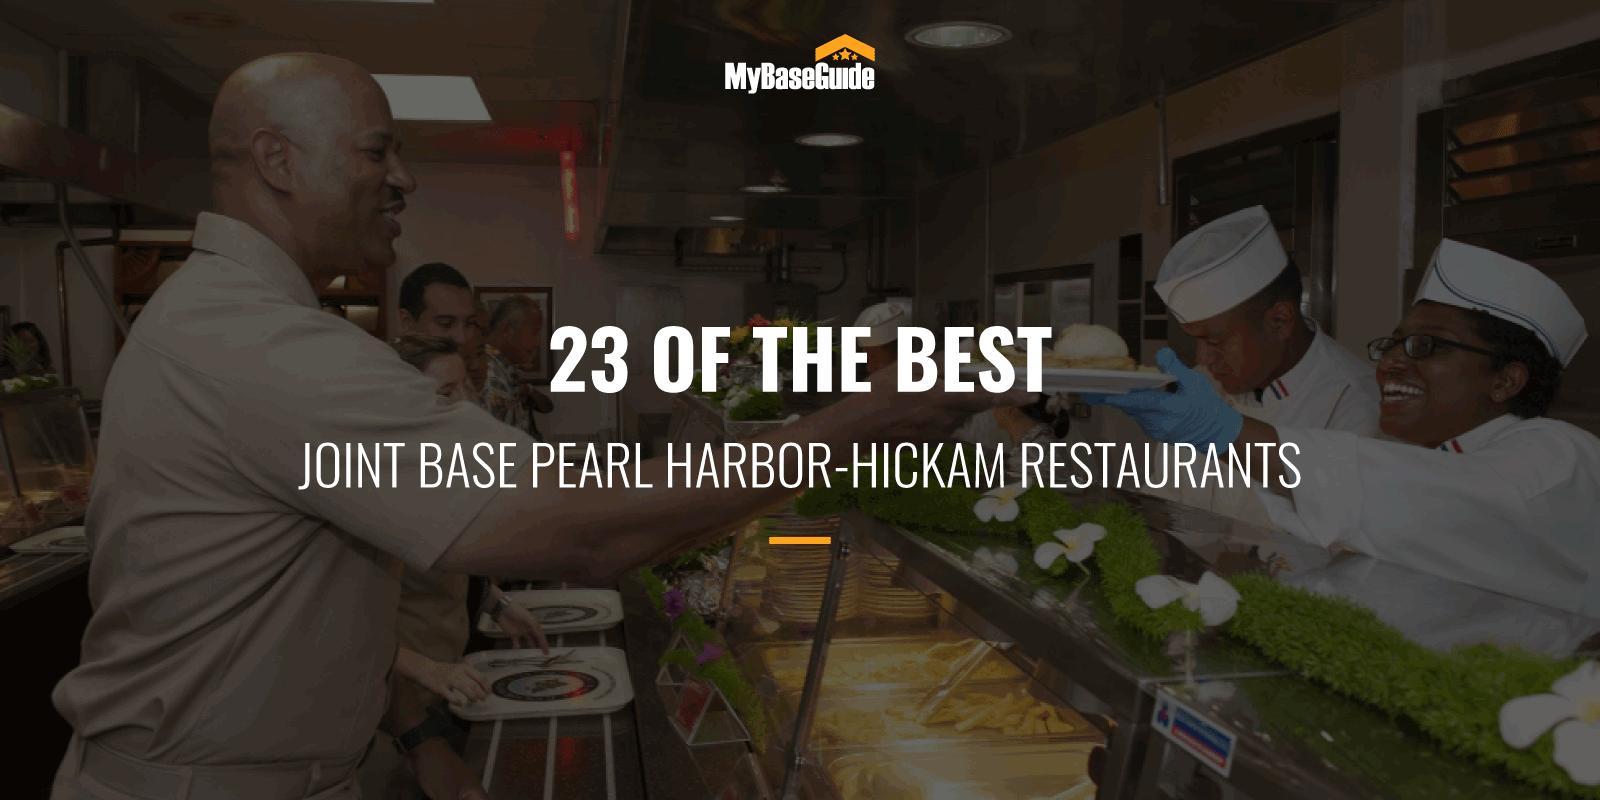 best Restaurants JB Pearl Harbor-Hickam